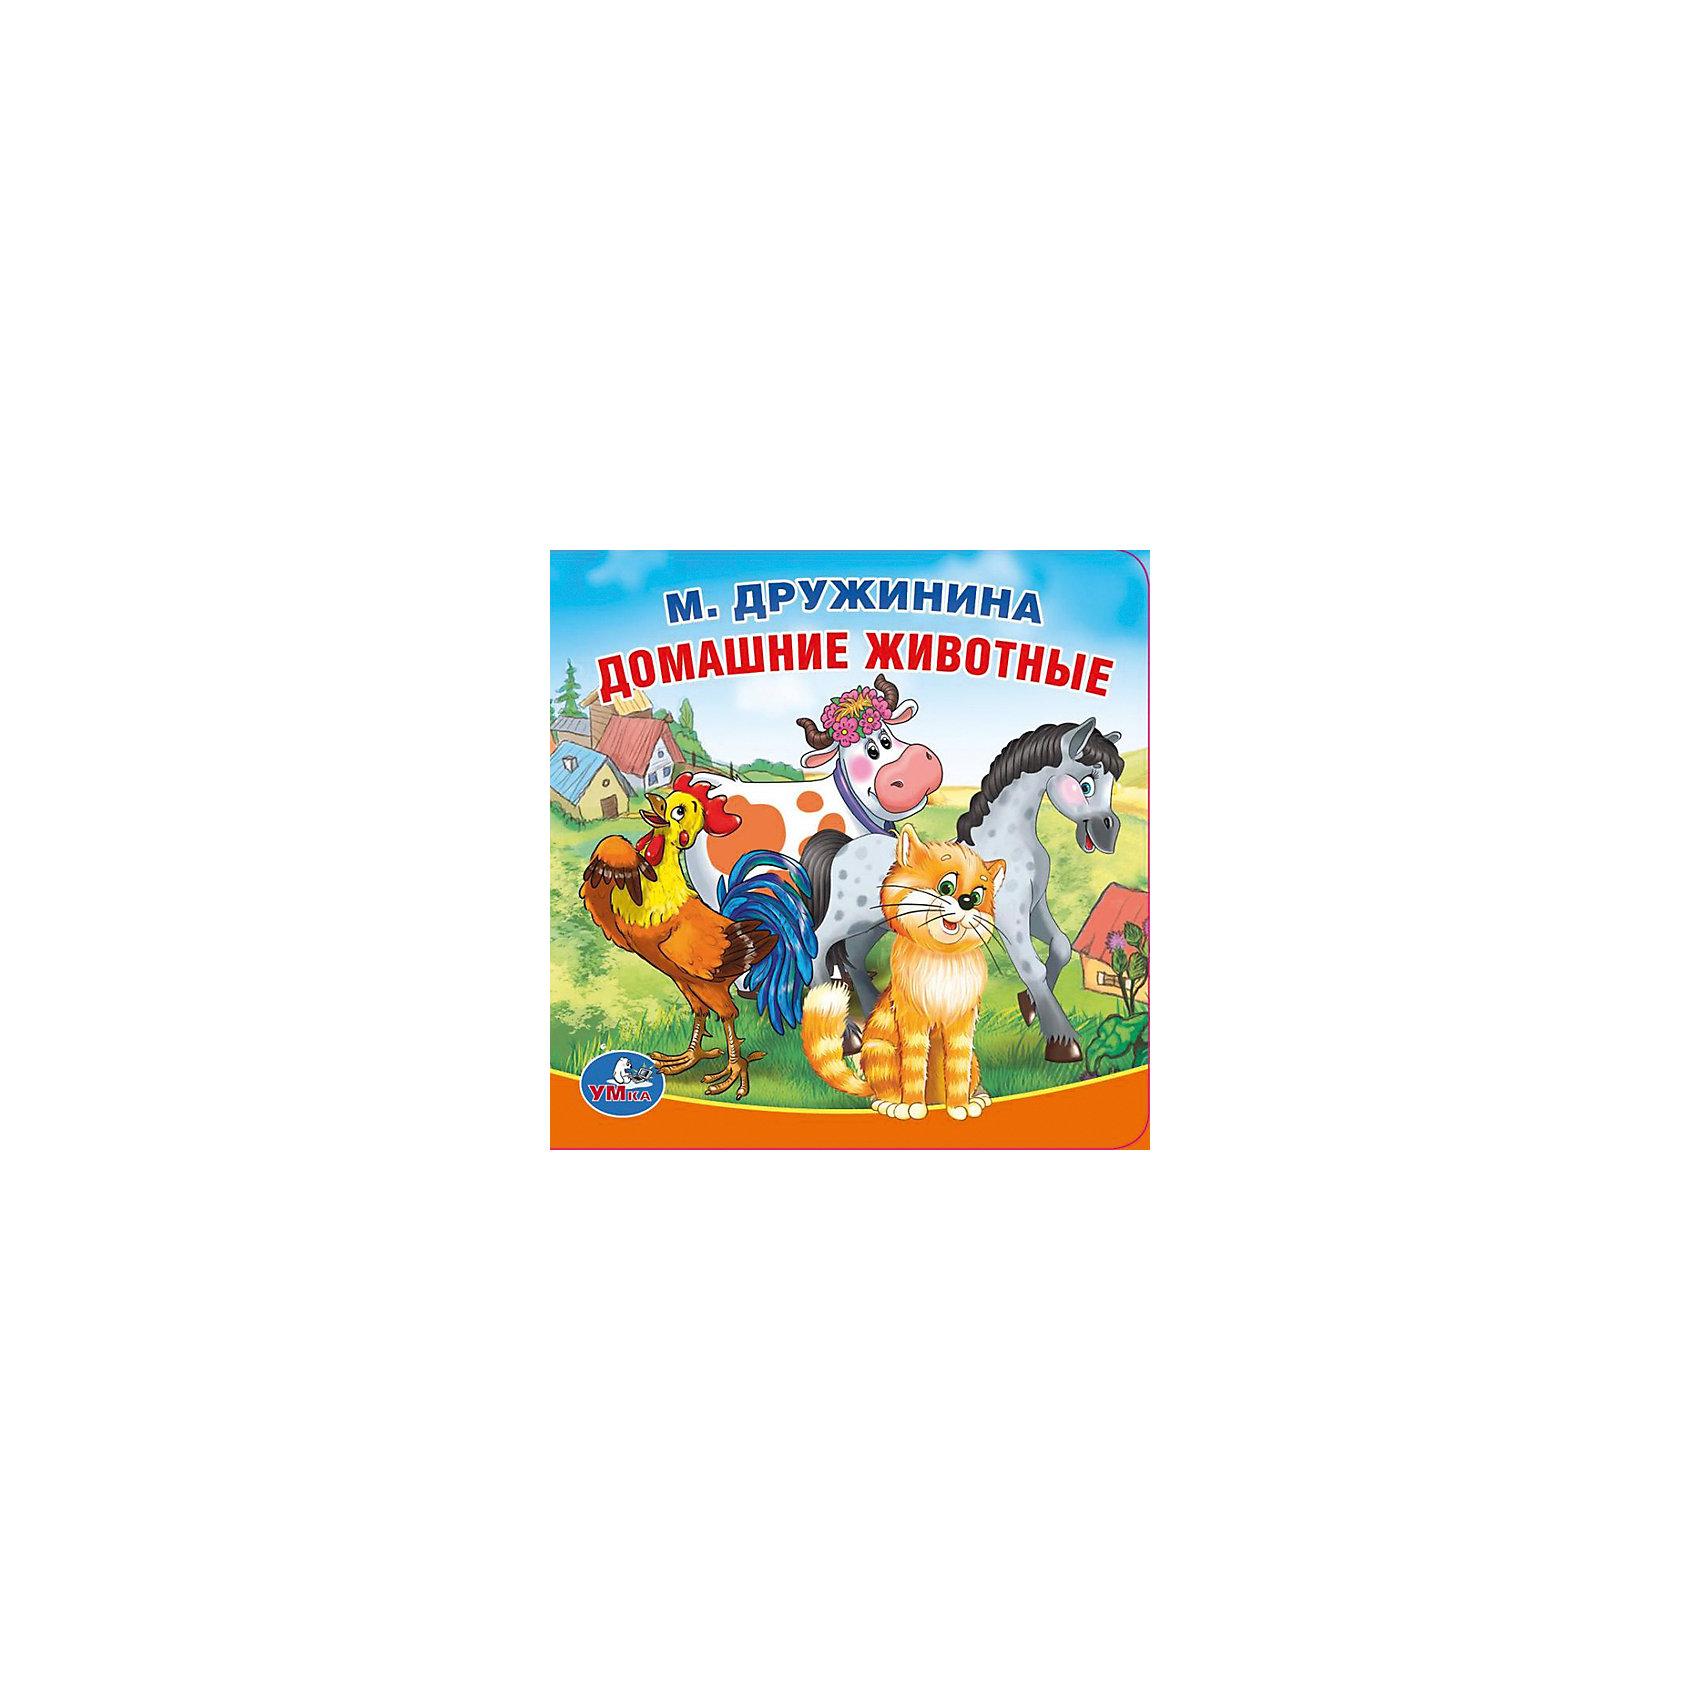 Умка Книга-пищалка для ванны Домашние животные умка книга пищалка для ванны репка